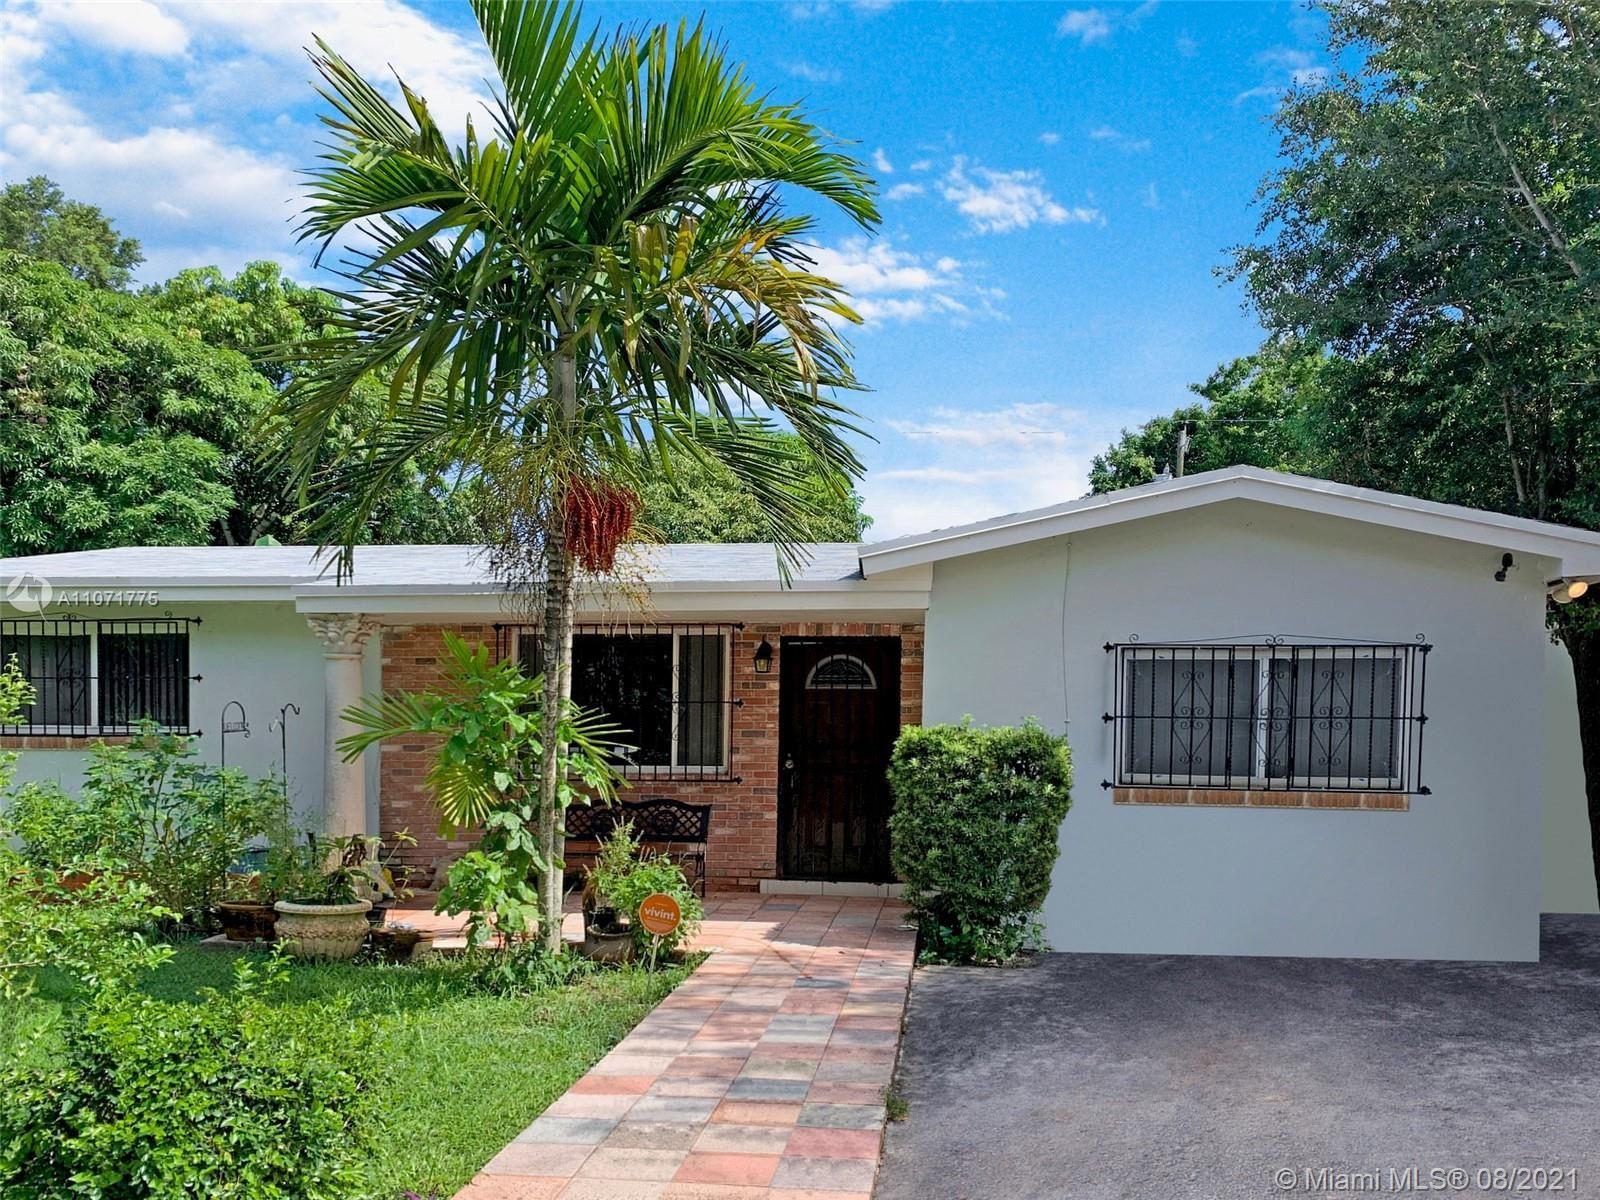 450 NE 164th St, Miami, FL 33162 - #: A11071775